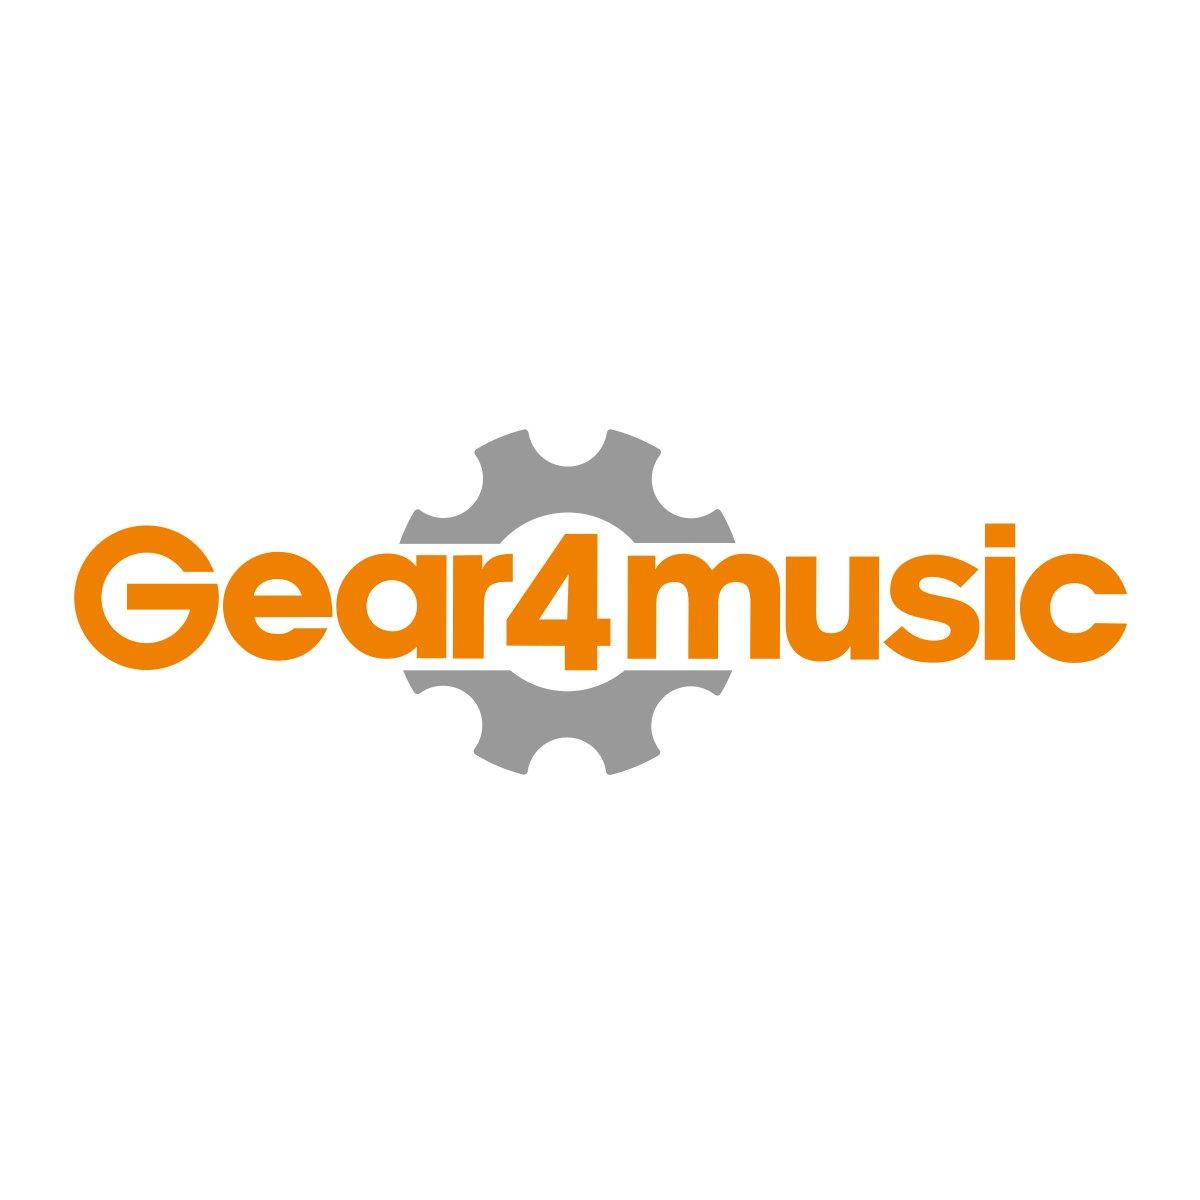 MK-3000 Key-Lighting Keyboard by Gear4music - Starter Pack